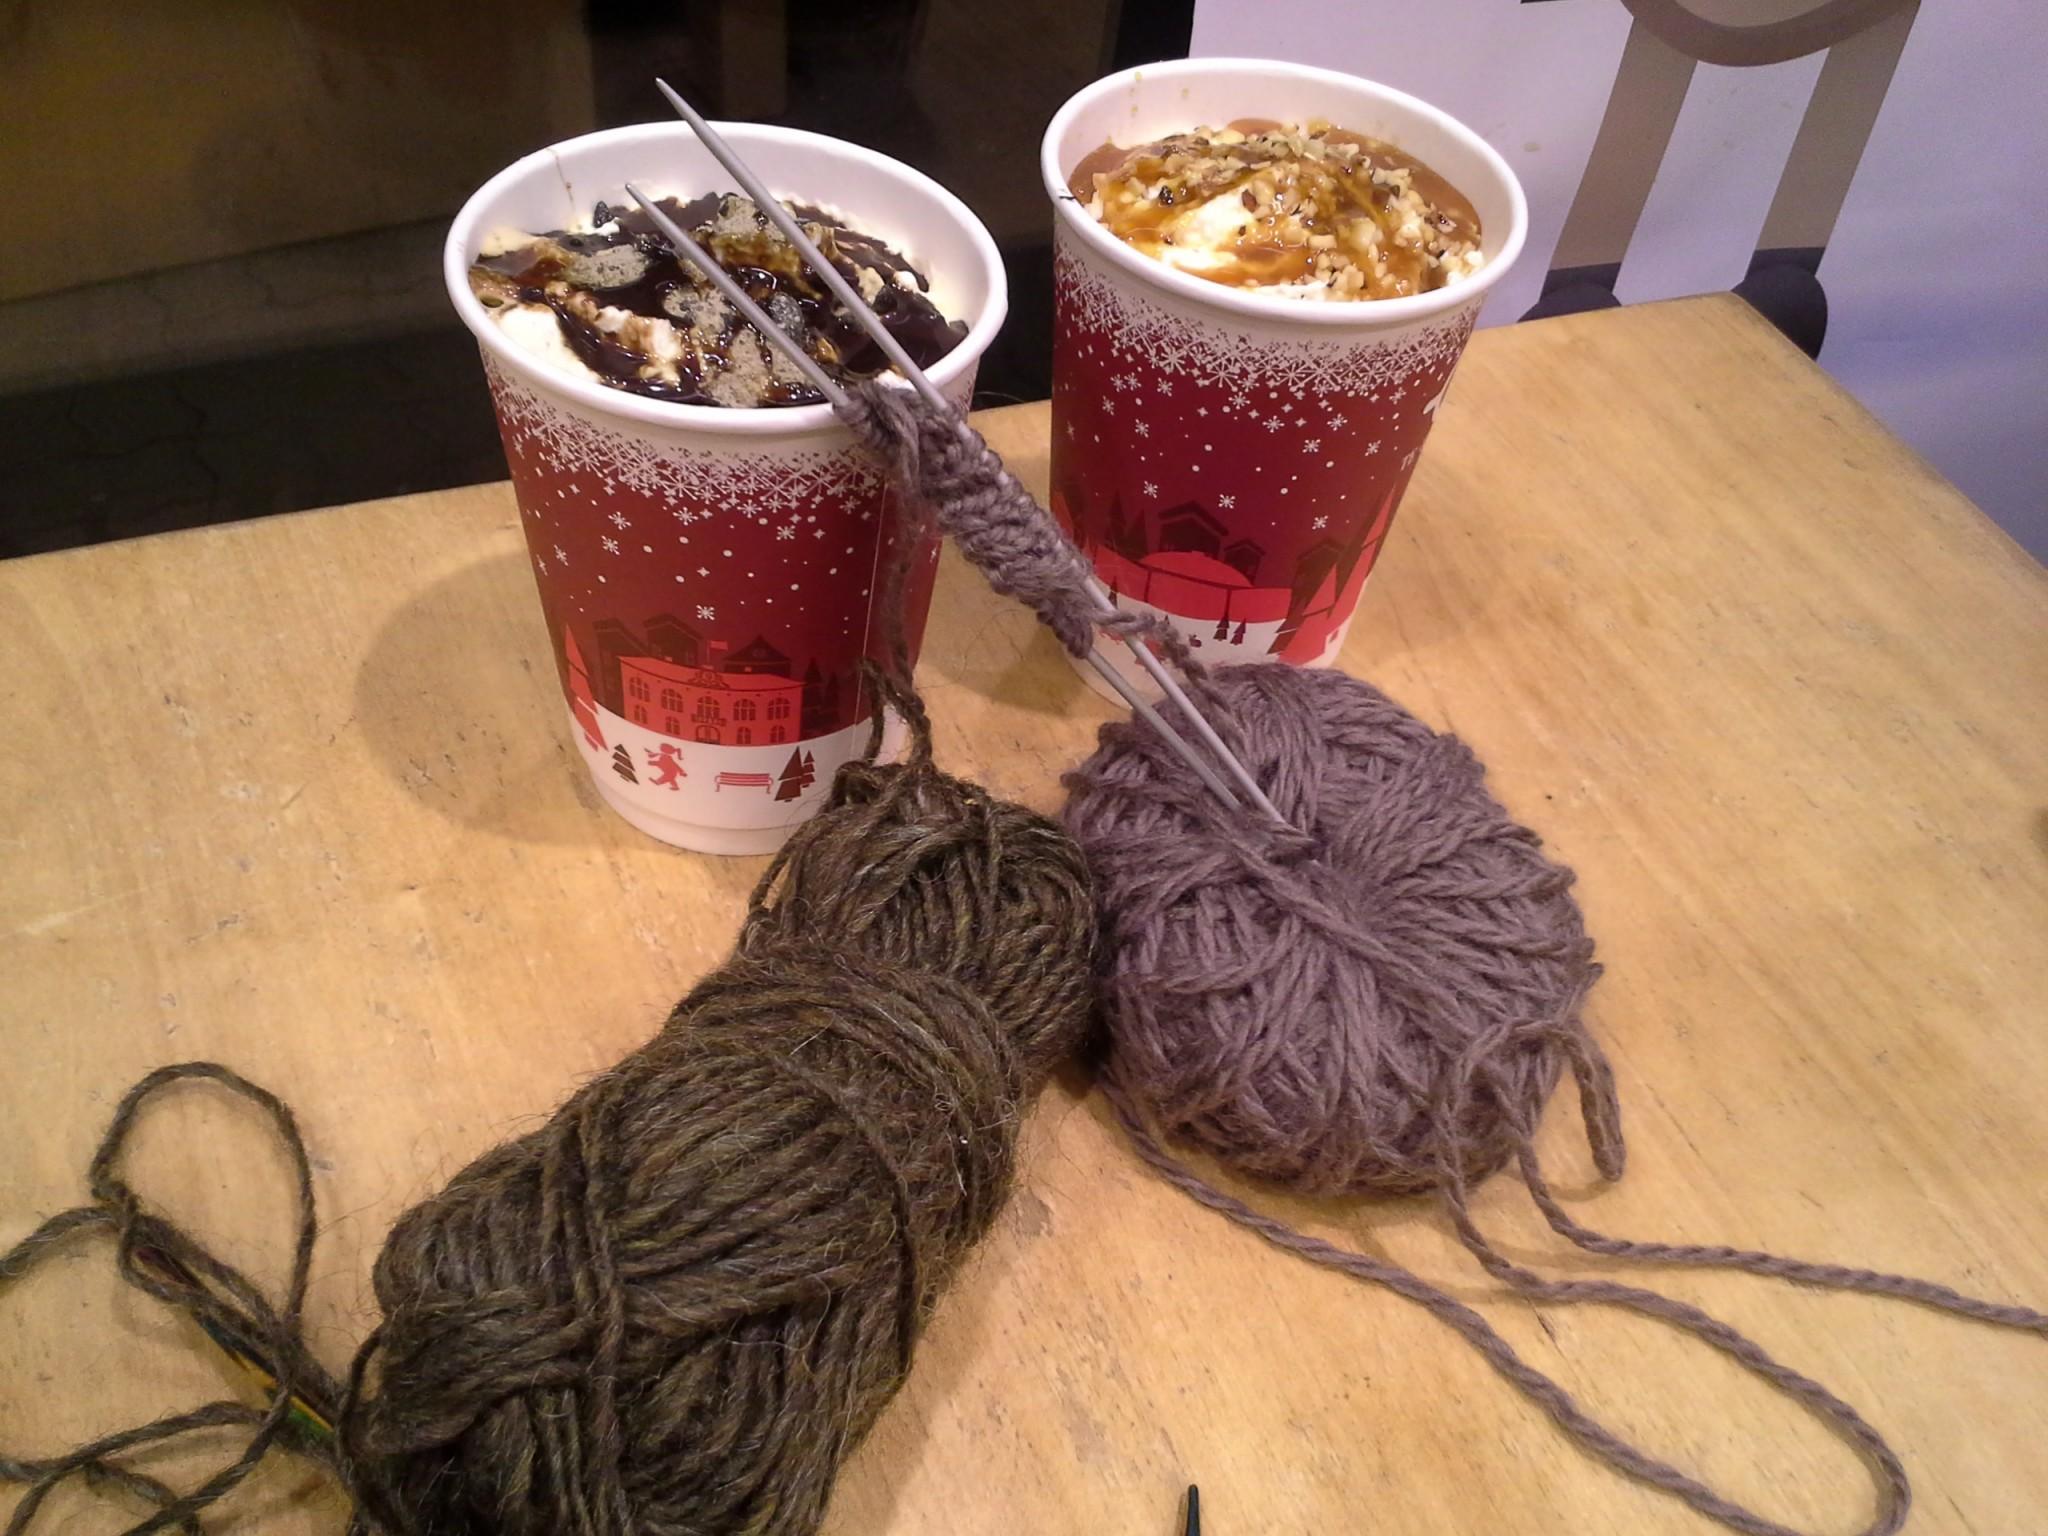 Harrastimme aktiivisesti neulomista ja kulutimme Eymundssonin penkkejä erikoisjoulukahveja juoden.